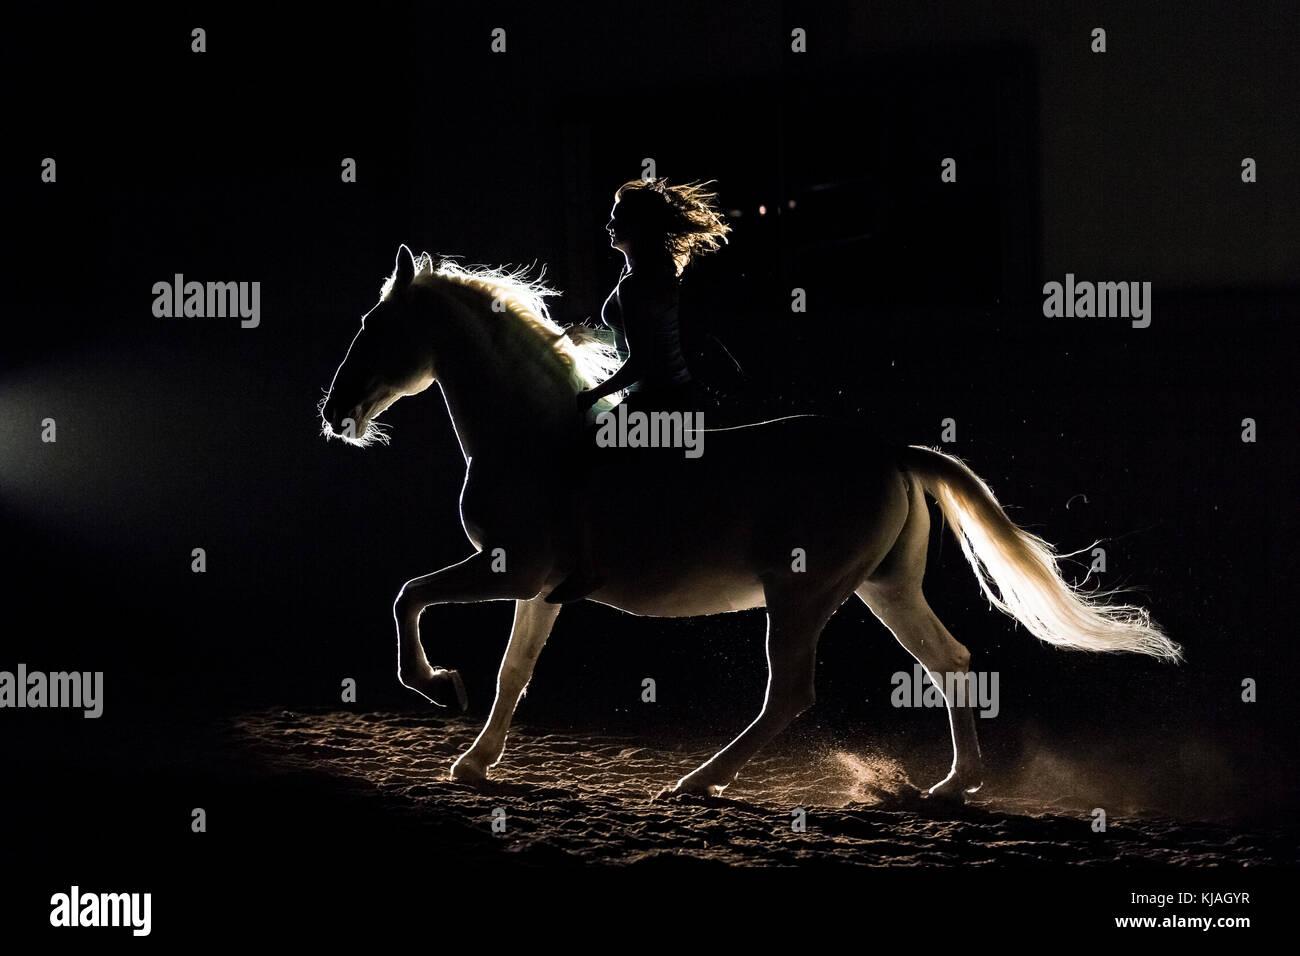 Cheval lipizzan. Étalon adultes (Siglavy Capriola Primas) avec rider dans l'obscurité, vu contre la Photo Stock